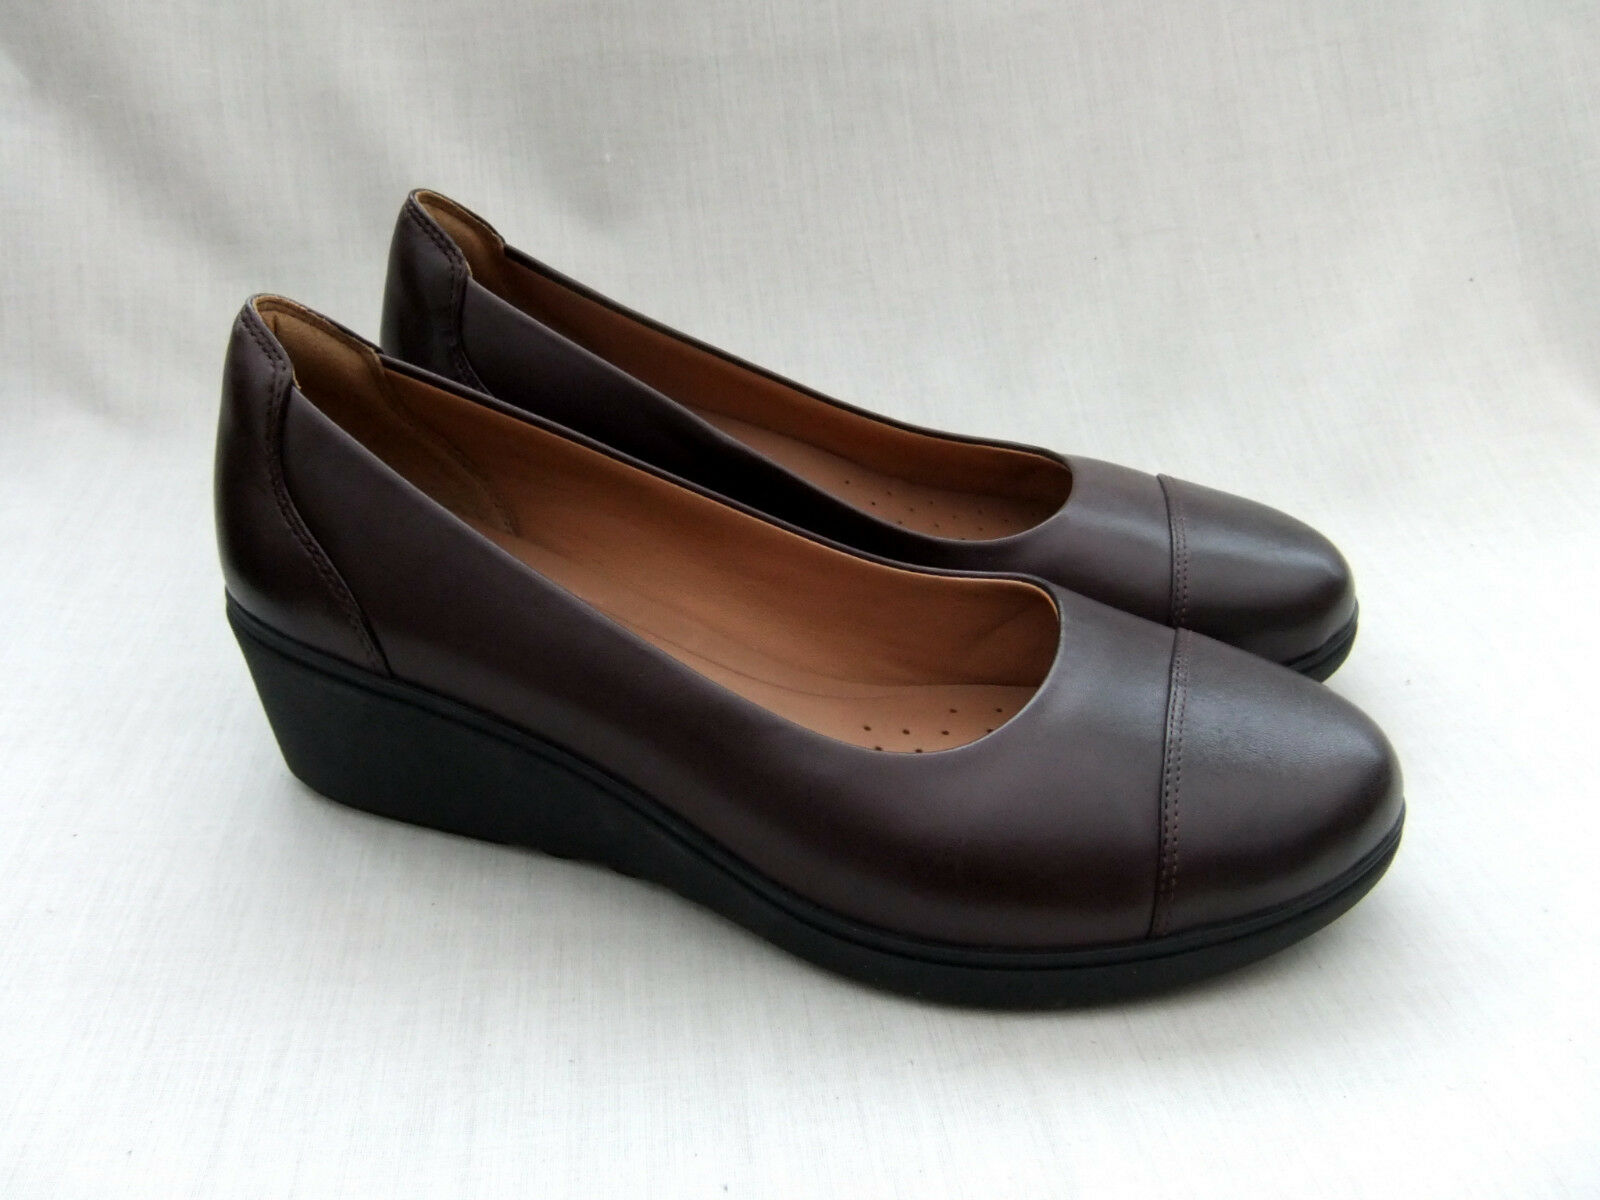 Zapatos De Cuero nuevo CLARKS UNSTRUCTUrojo UN tallara Dee Berenjena Berenjena Berenjena Talla 7.5 41.5  en promociones de estadios